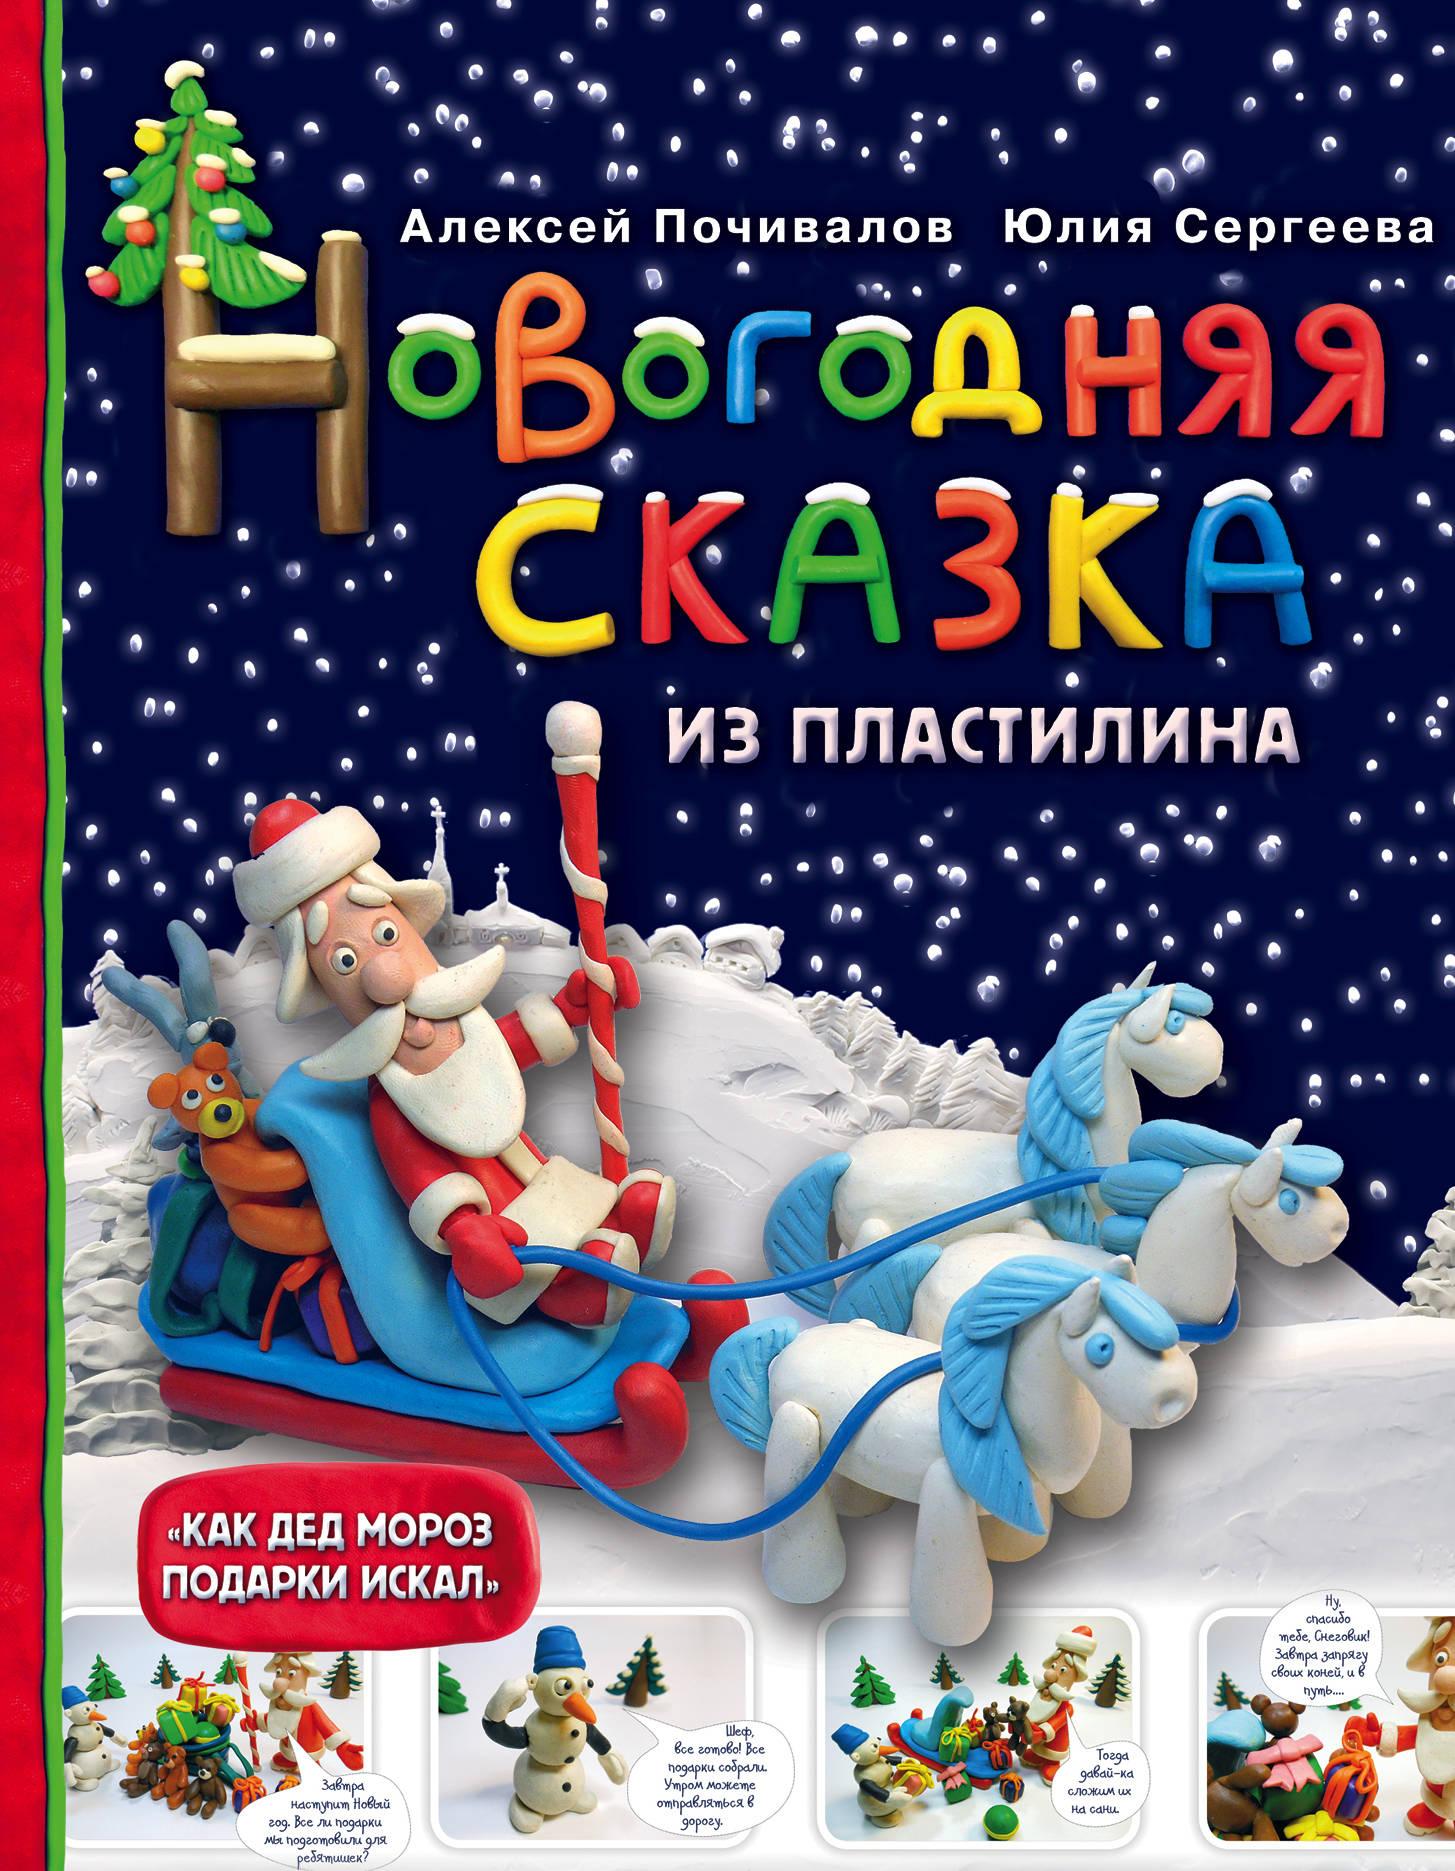 Почивалов Алексей Викторович Новогодняя сказка из пластилина